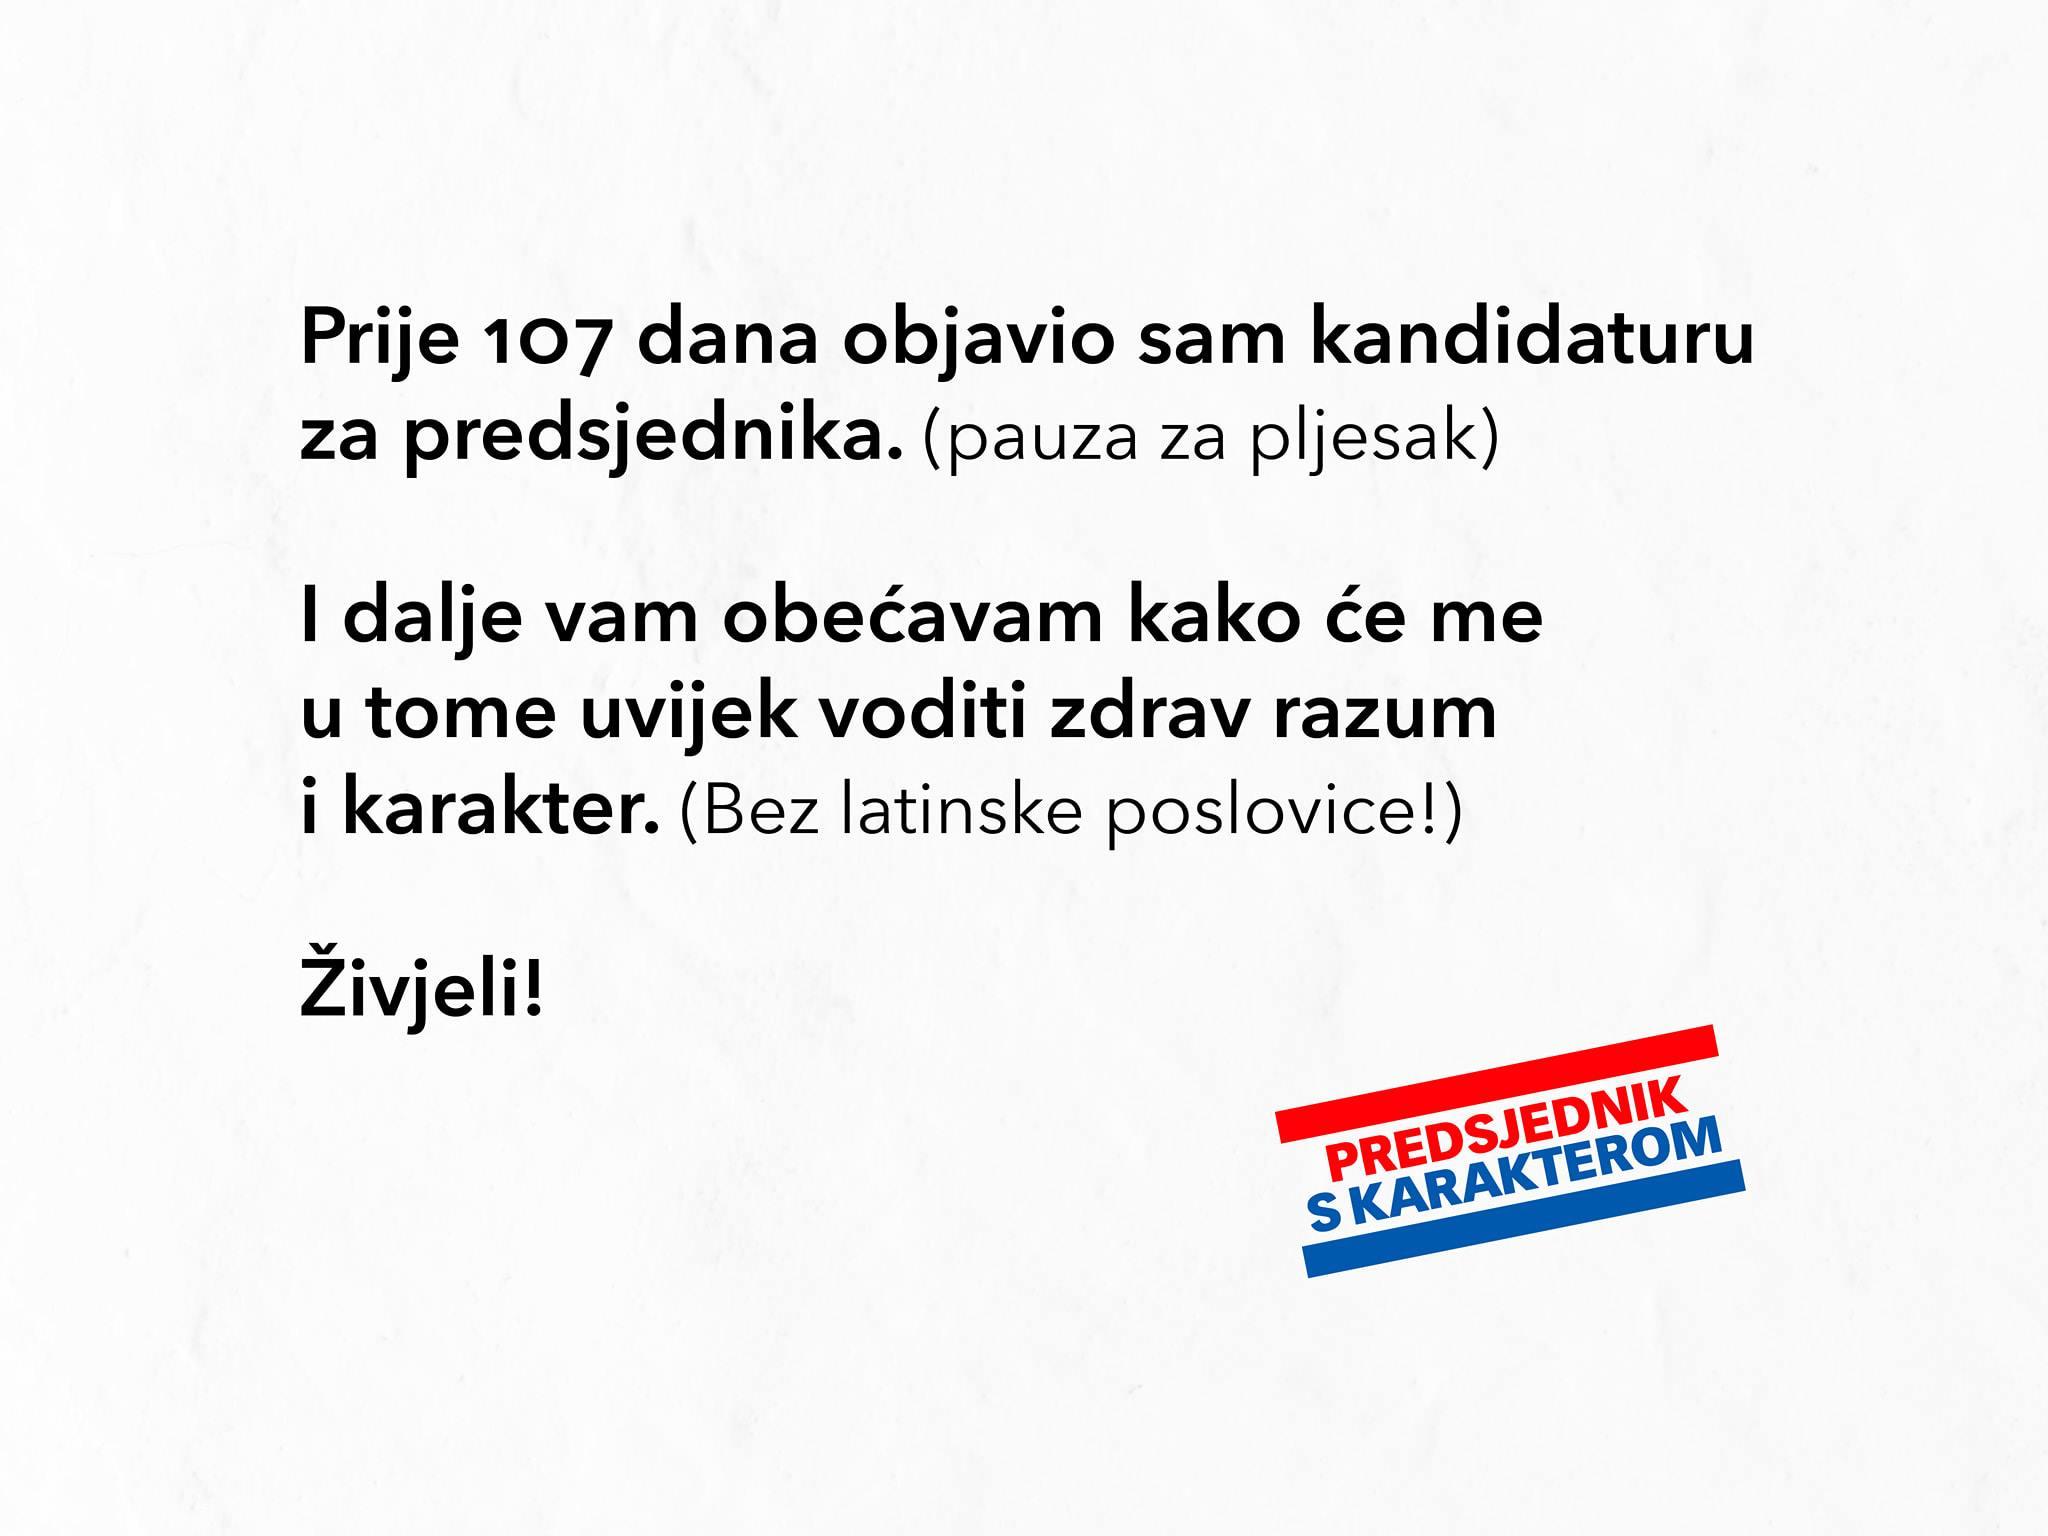 """Milanović se na Facebooku posprdno osvrnuo na propust stožera Grabar-Kitarović: """"Prije 107 dana objavio sam kandidaturu za predsjednika. (pauza za pljesak)"""""""